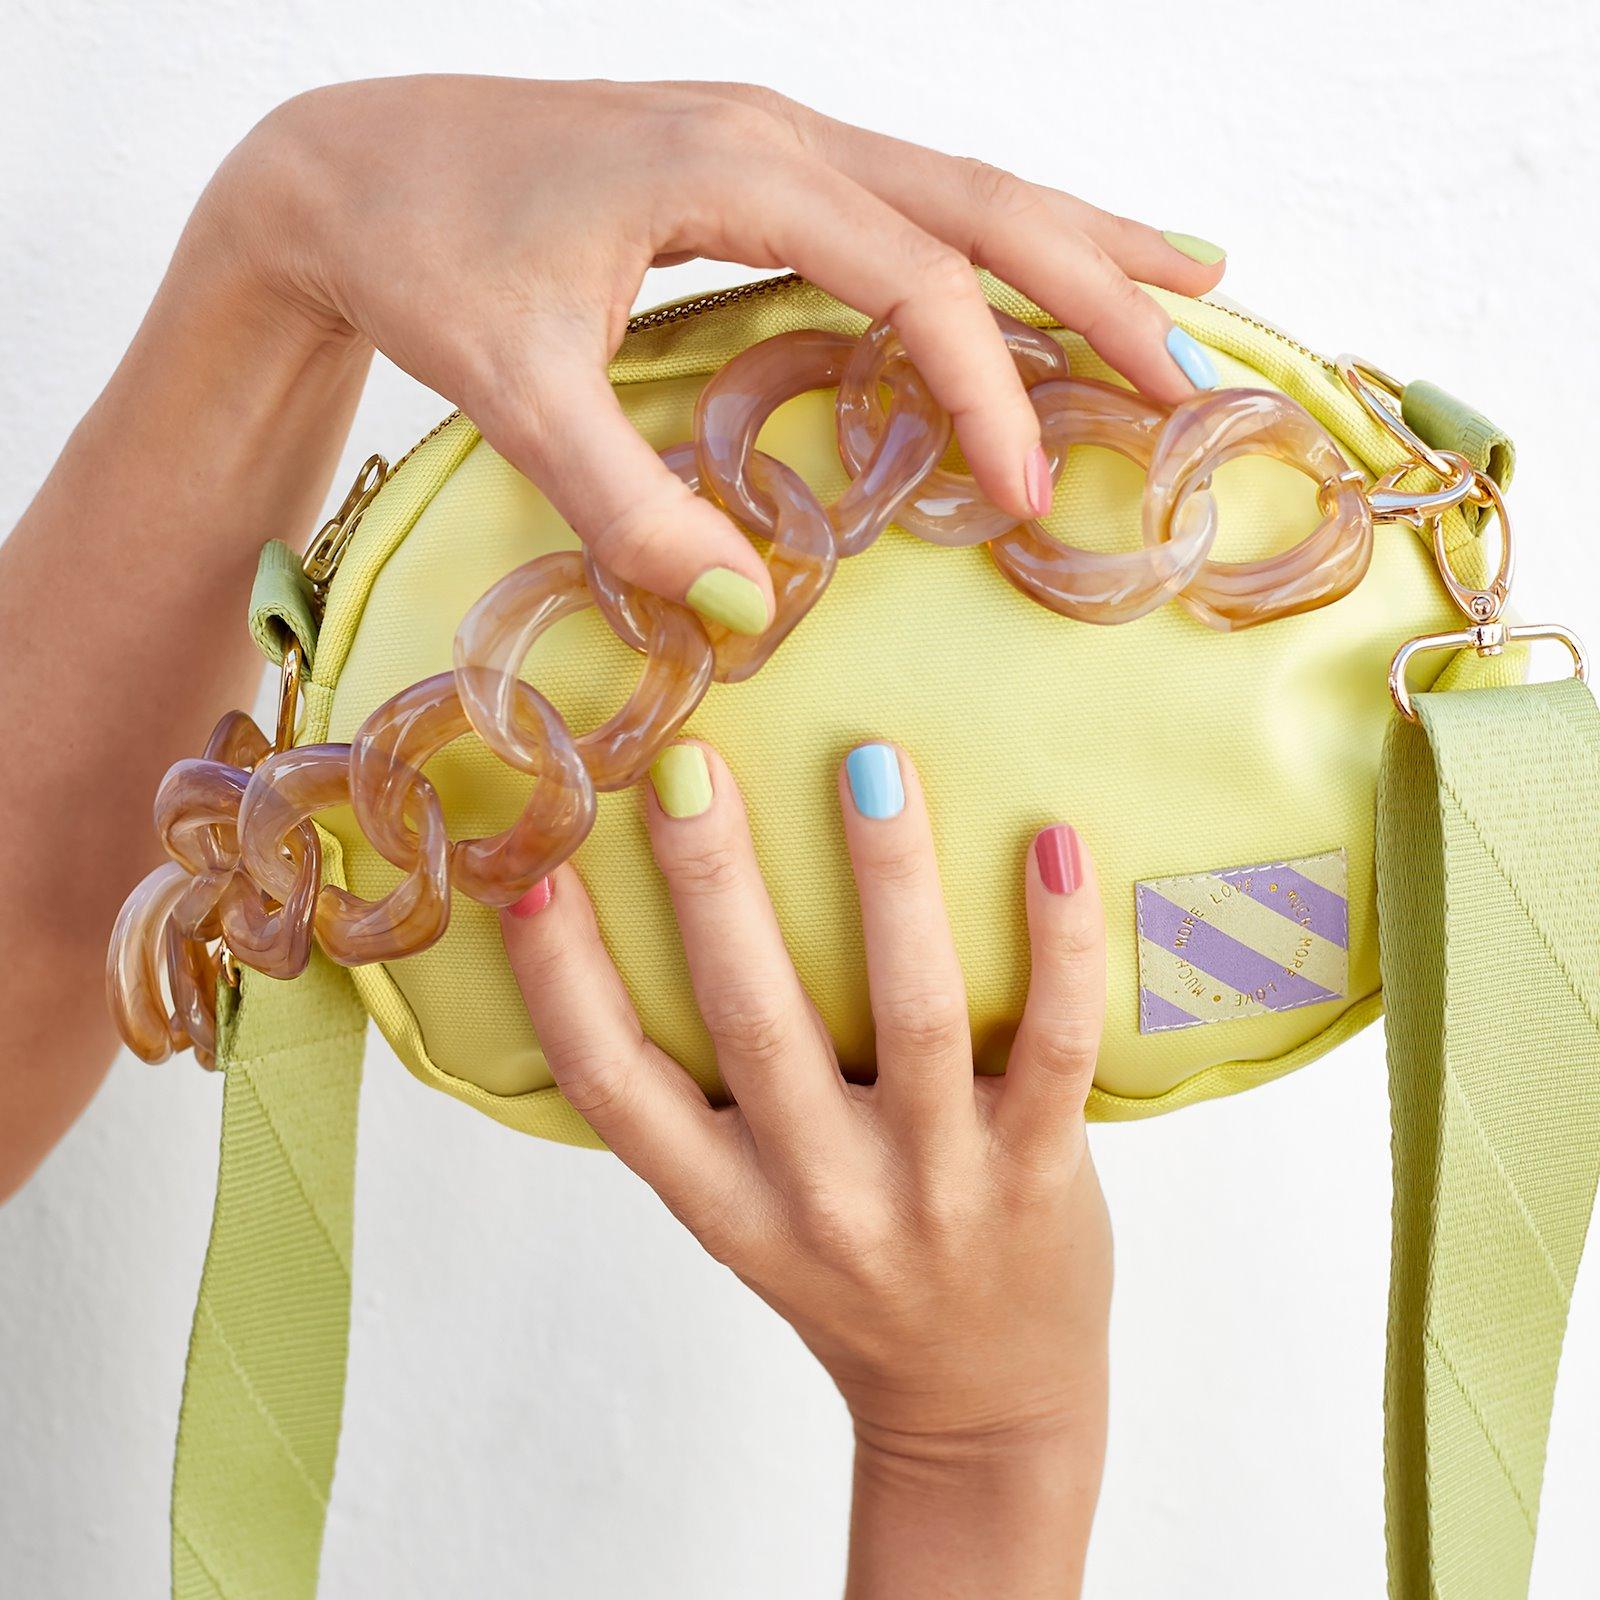 Cotton canvas light lemon p90318_780480_95597_82407_46302_45519_45506_45523_26503_sskit